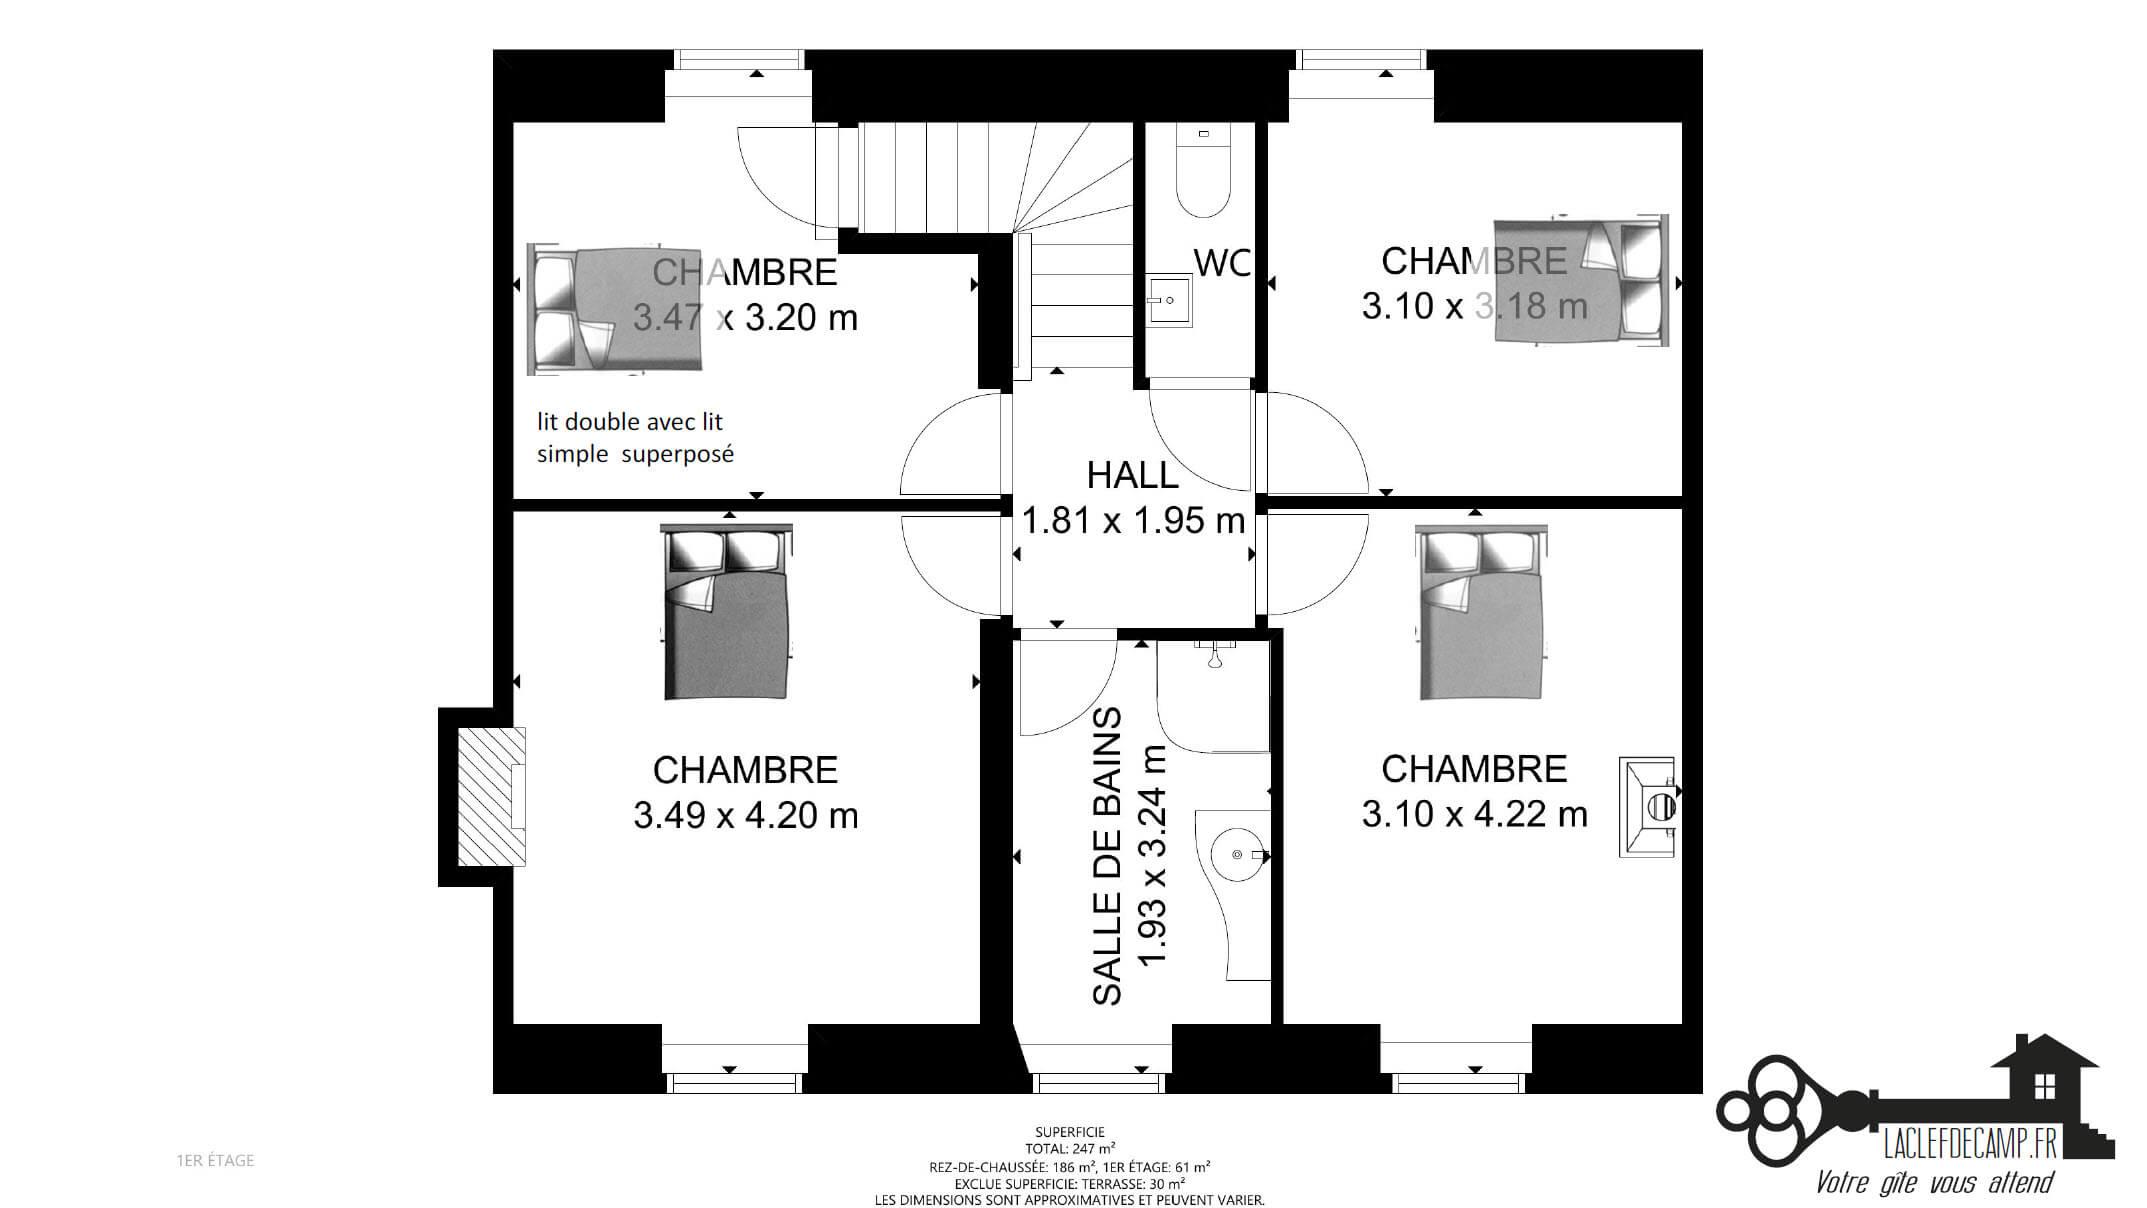 1er-plan-la-maison-dhippolyte